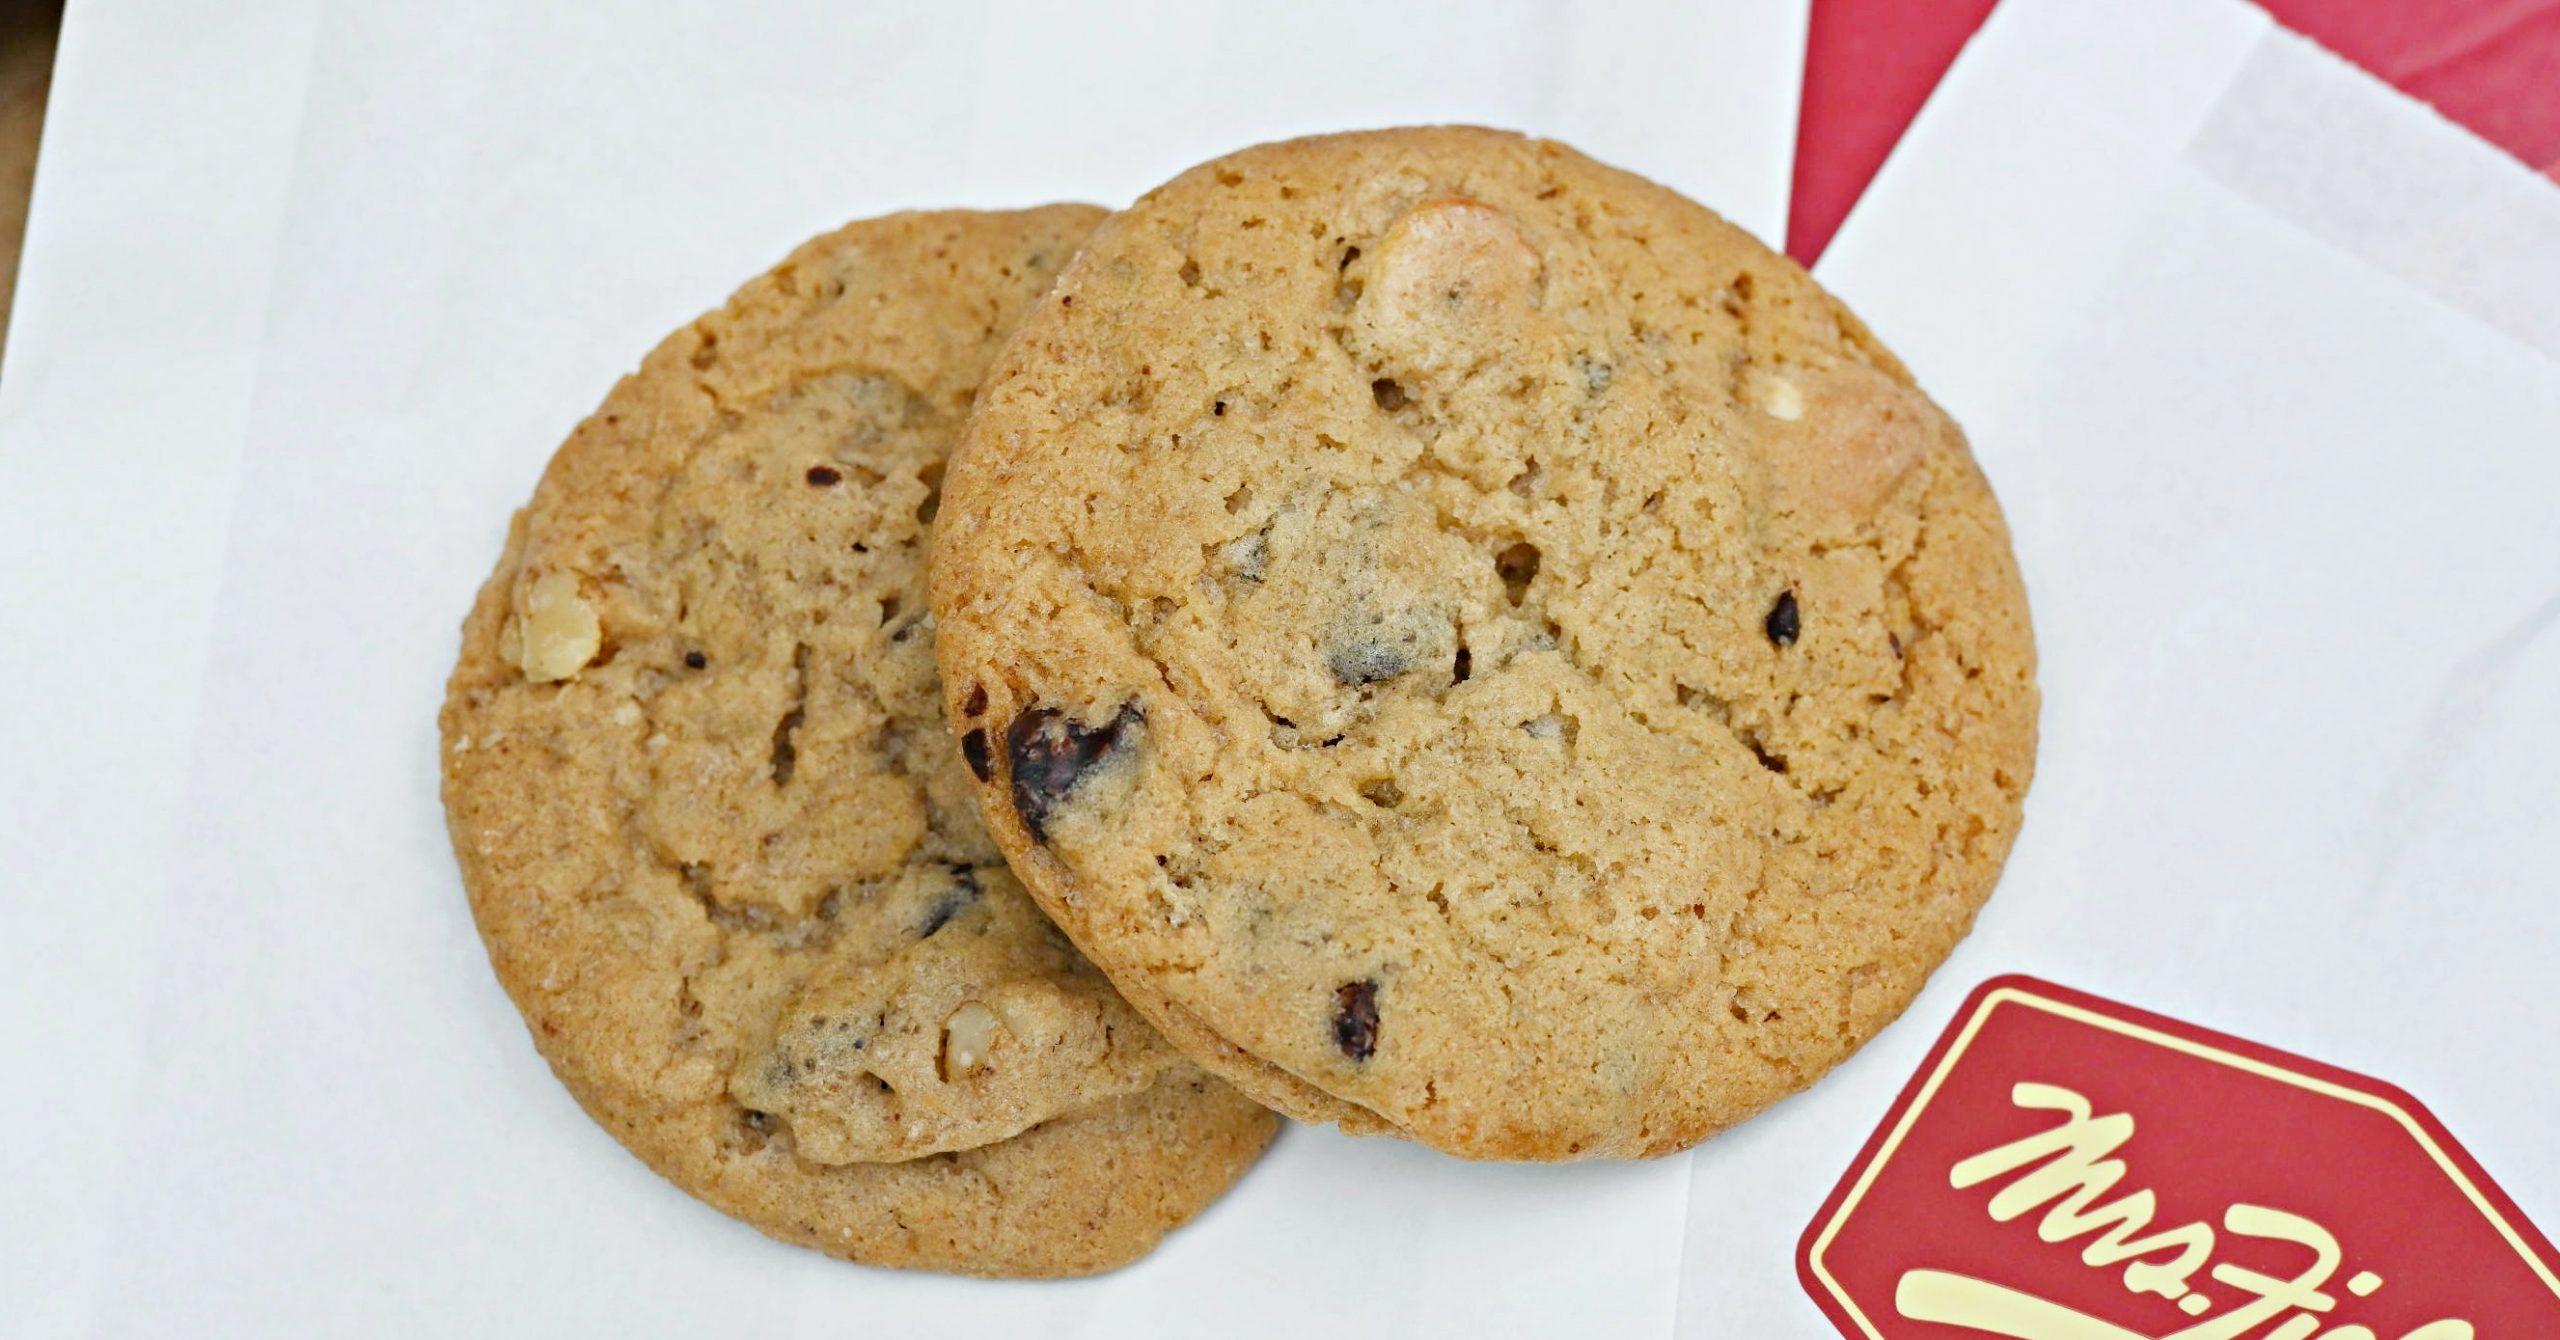 忠孝復興美食,Mrs.Fields菲爾斯太太餅乾,Mrs.Fields,菲爾斯太太餅乾 @Nash,神之領域